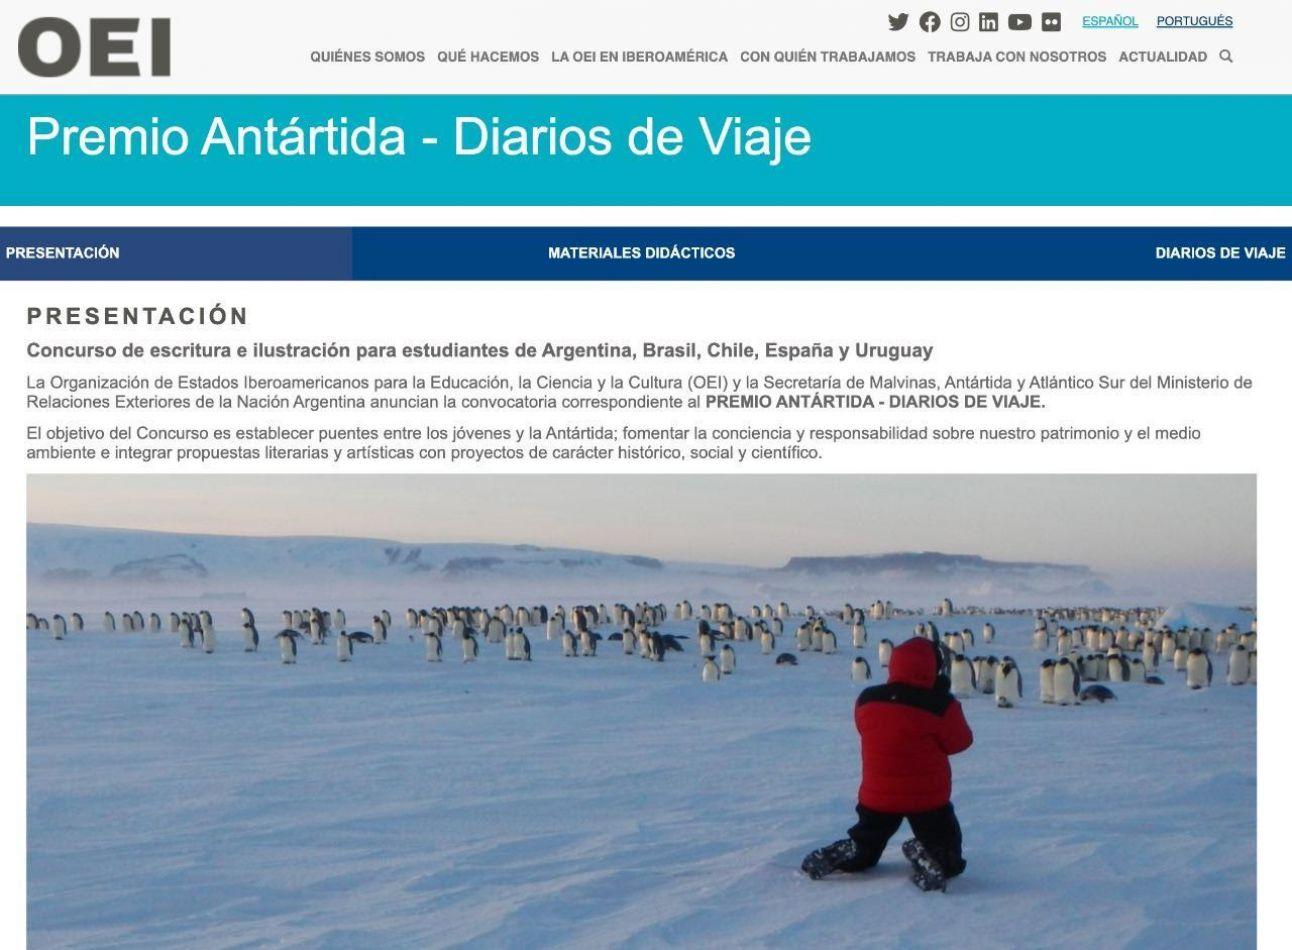 Concurso Internacional de Escritura e Ilustración sobre la Antártida